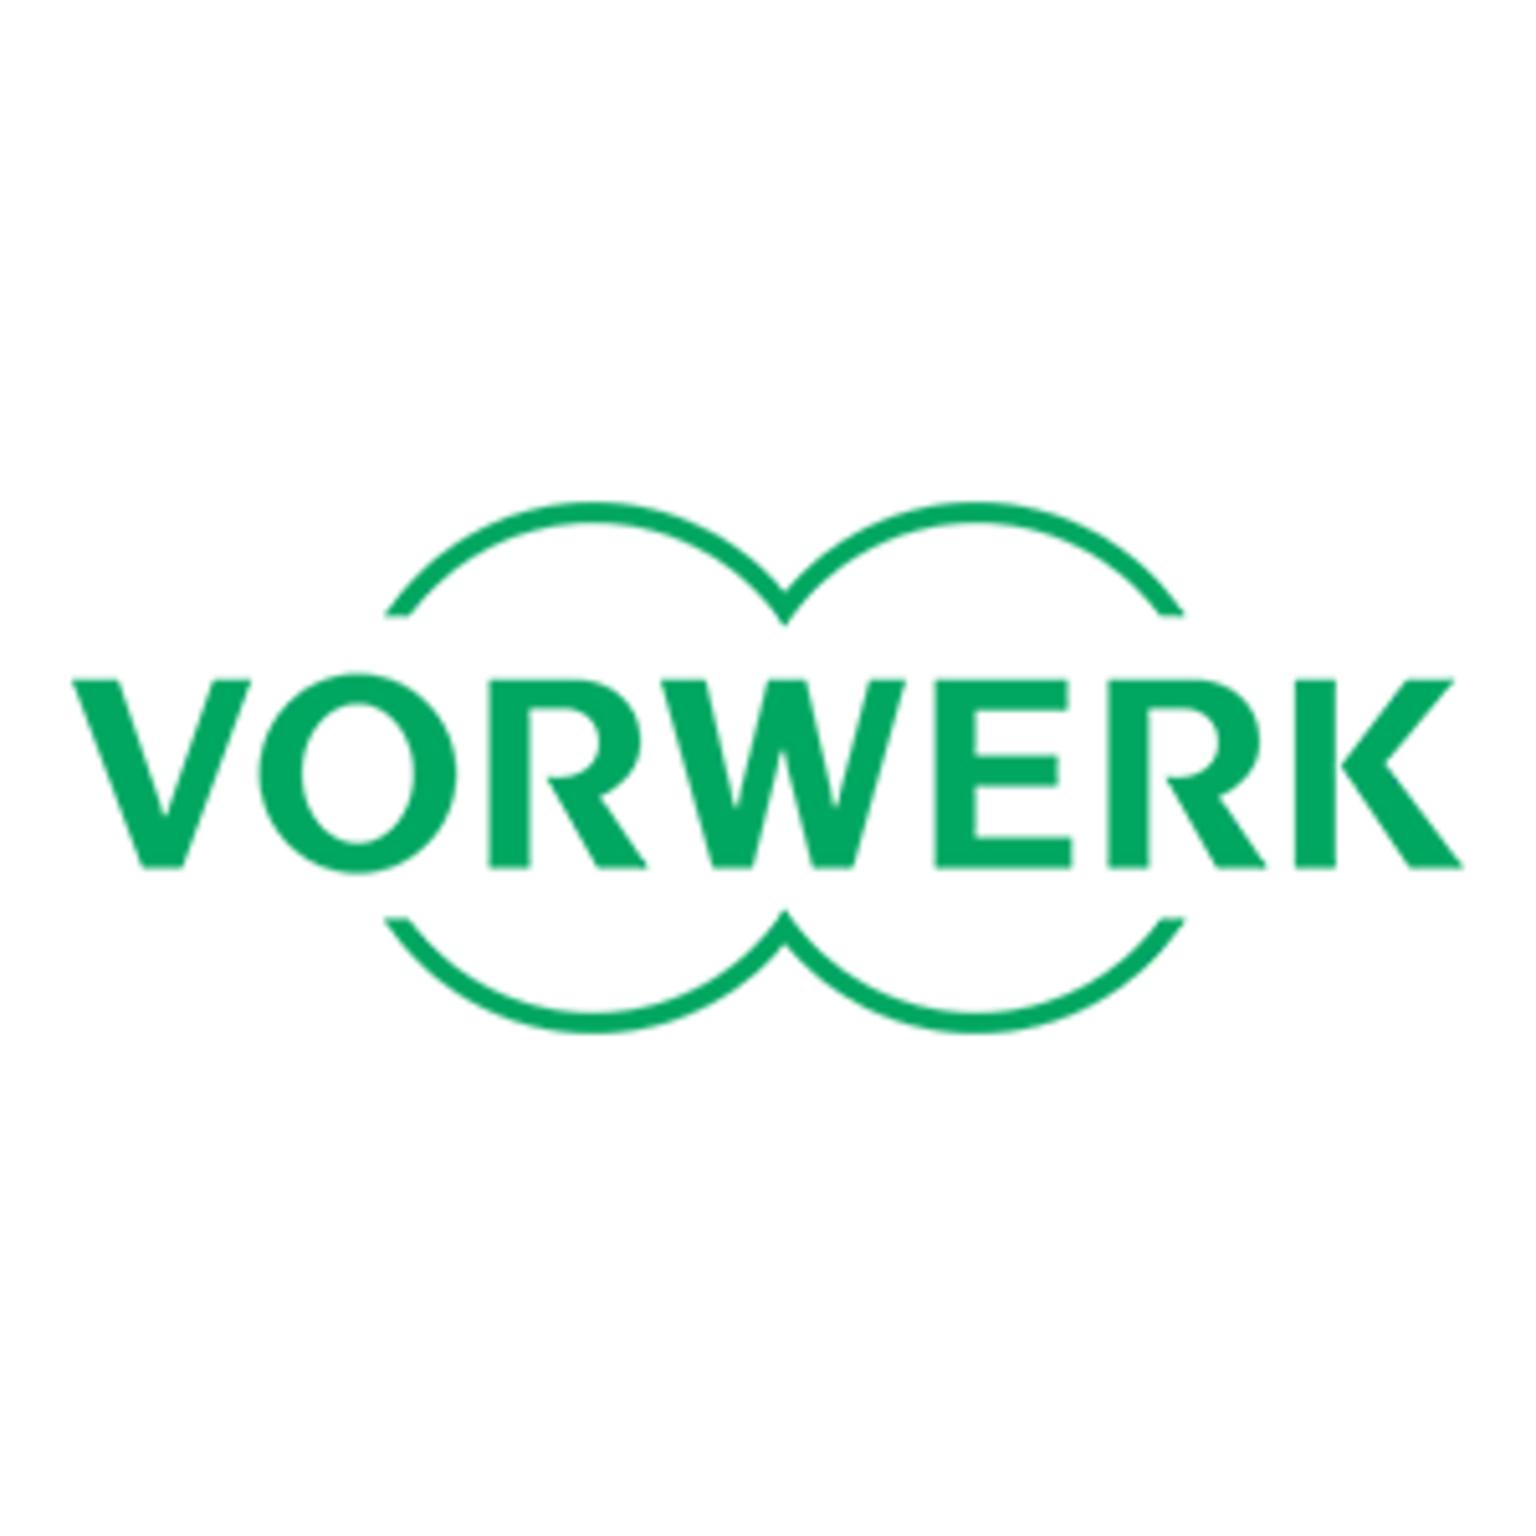 Vorwerk logo image